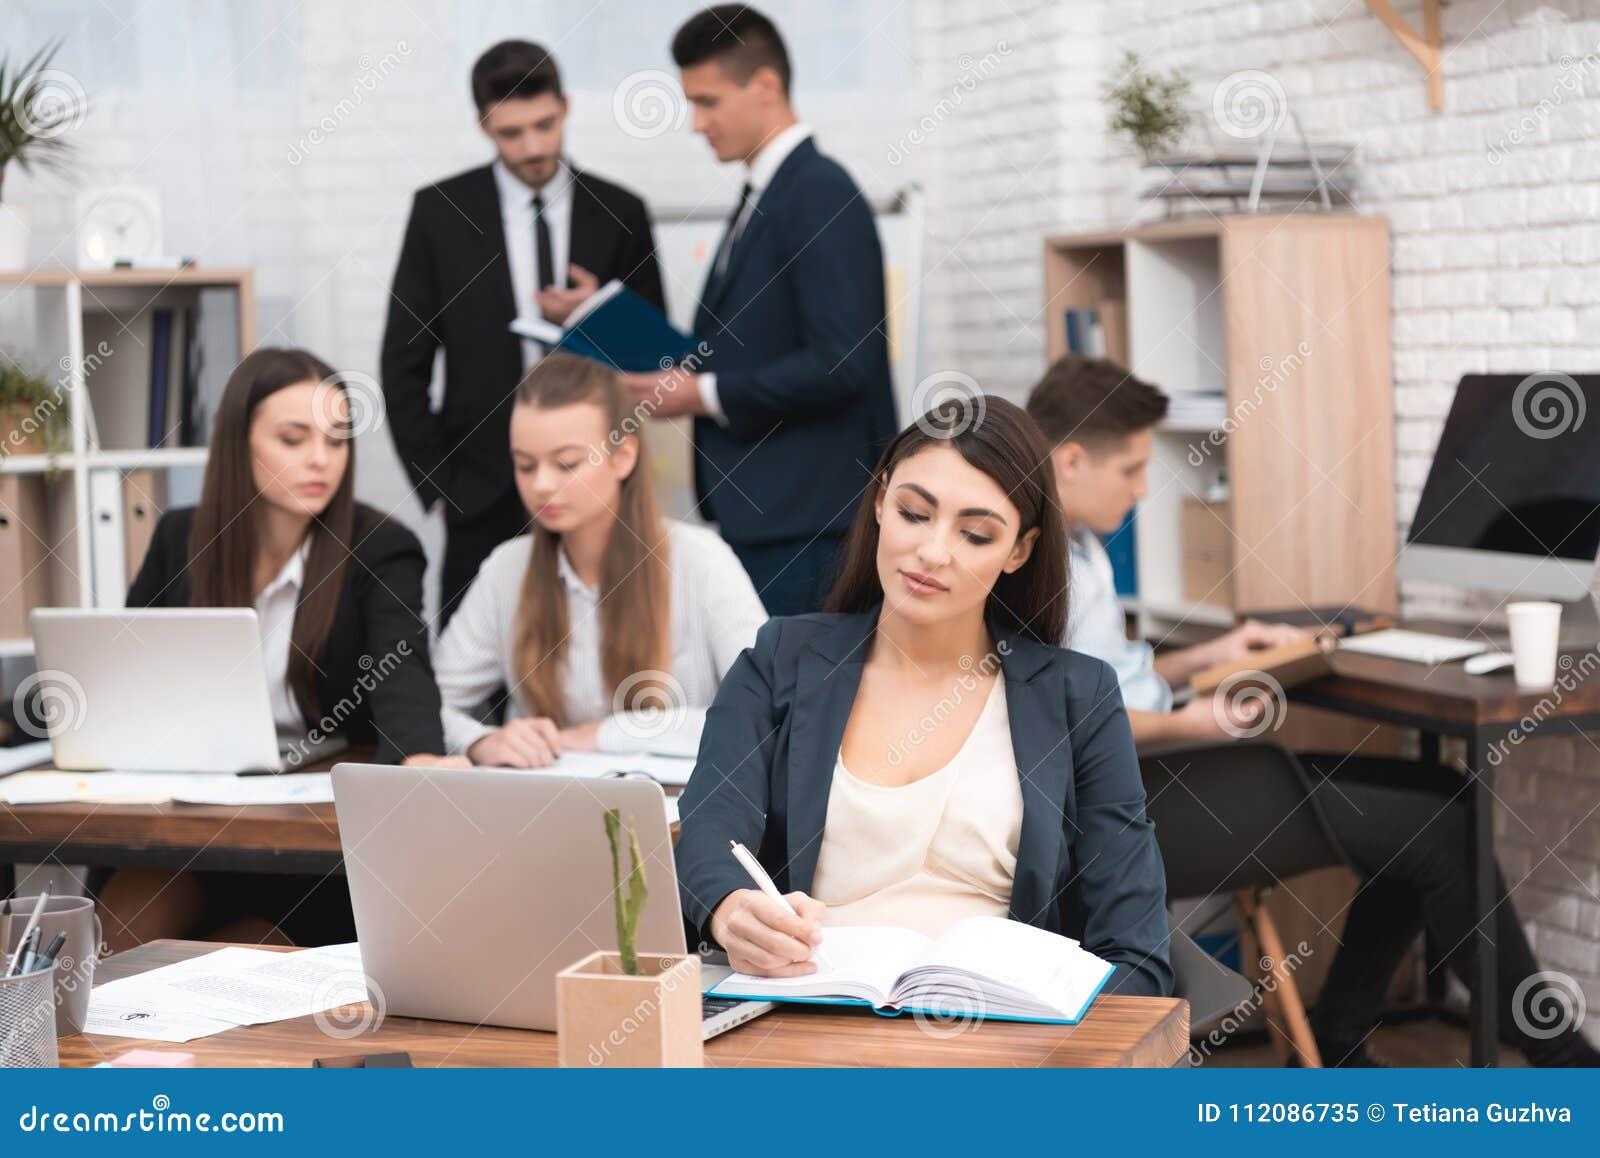 Привлекательная беременная девушка работает в офисе с коллегами Беременная коммерсантка в месте для работы материнствй